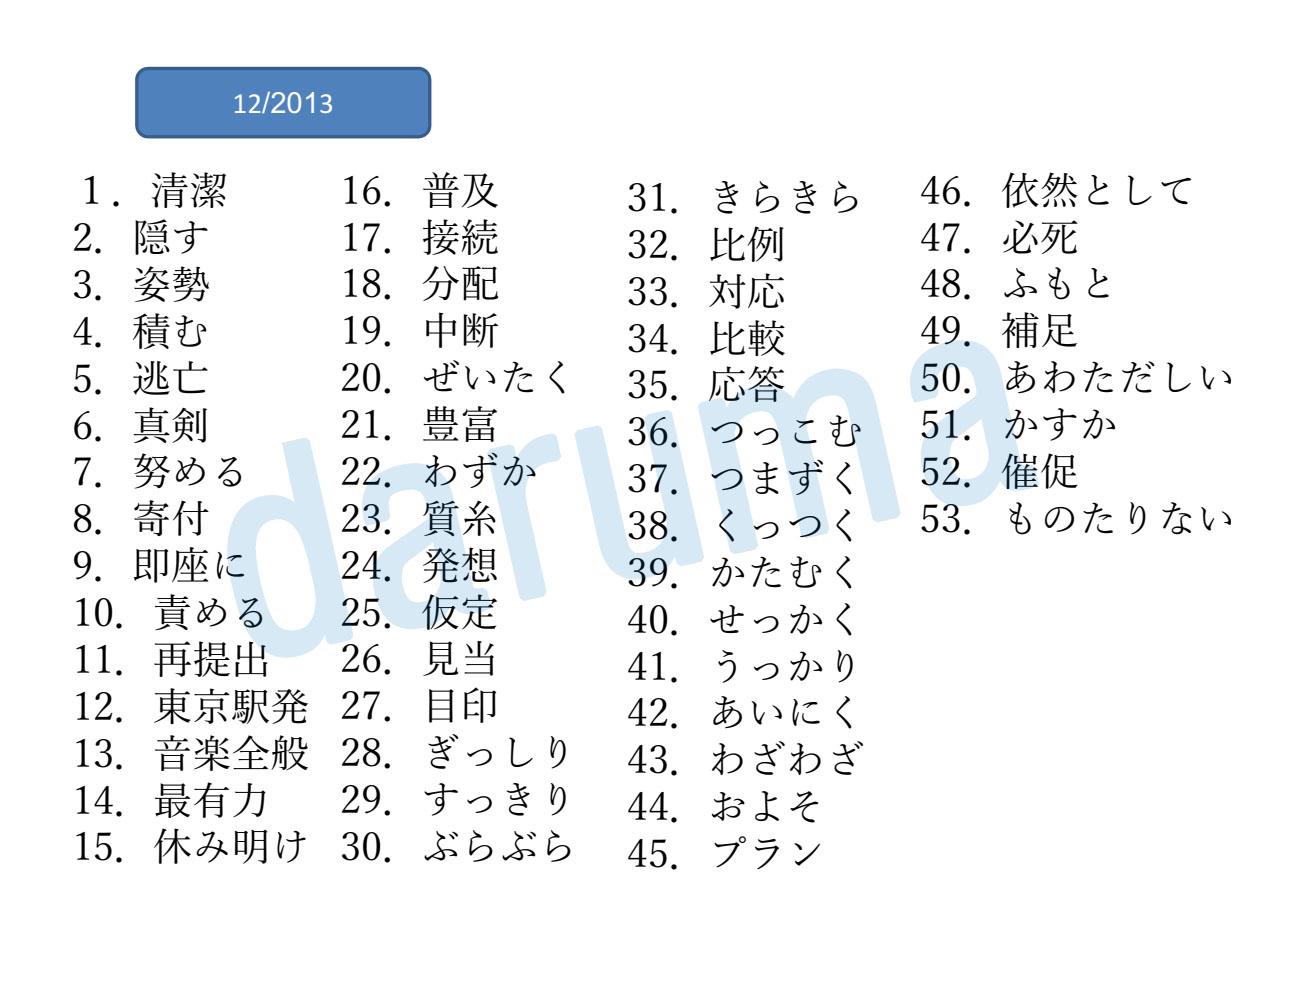 tổng hợp từ vựng đề thi N2 các năm